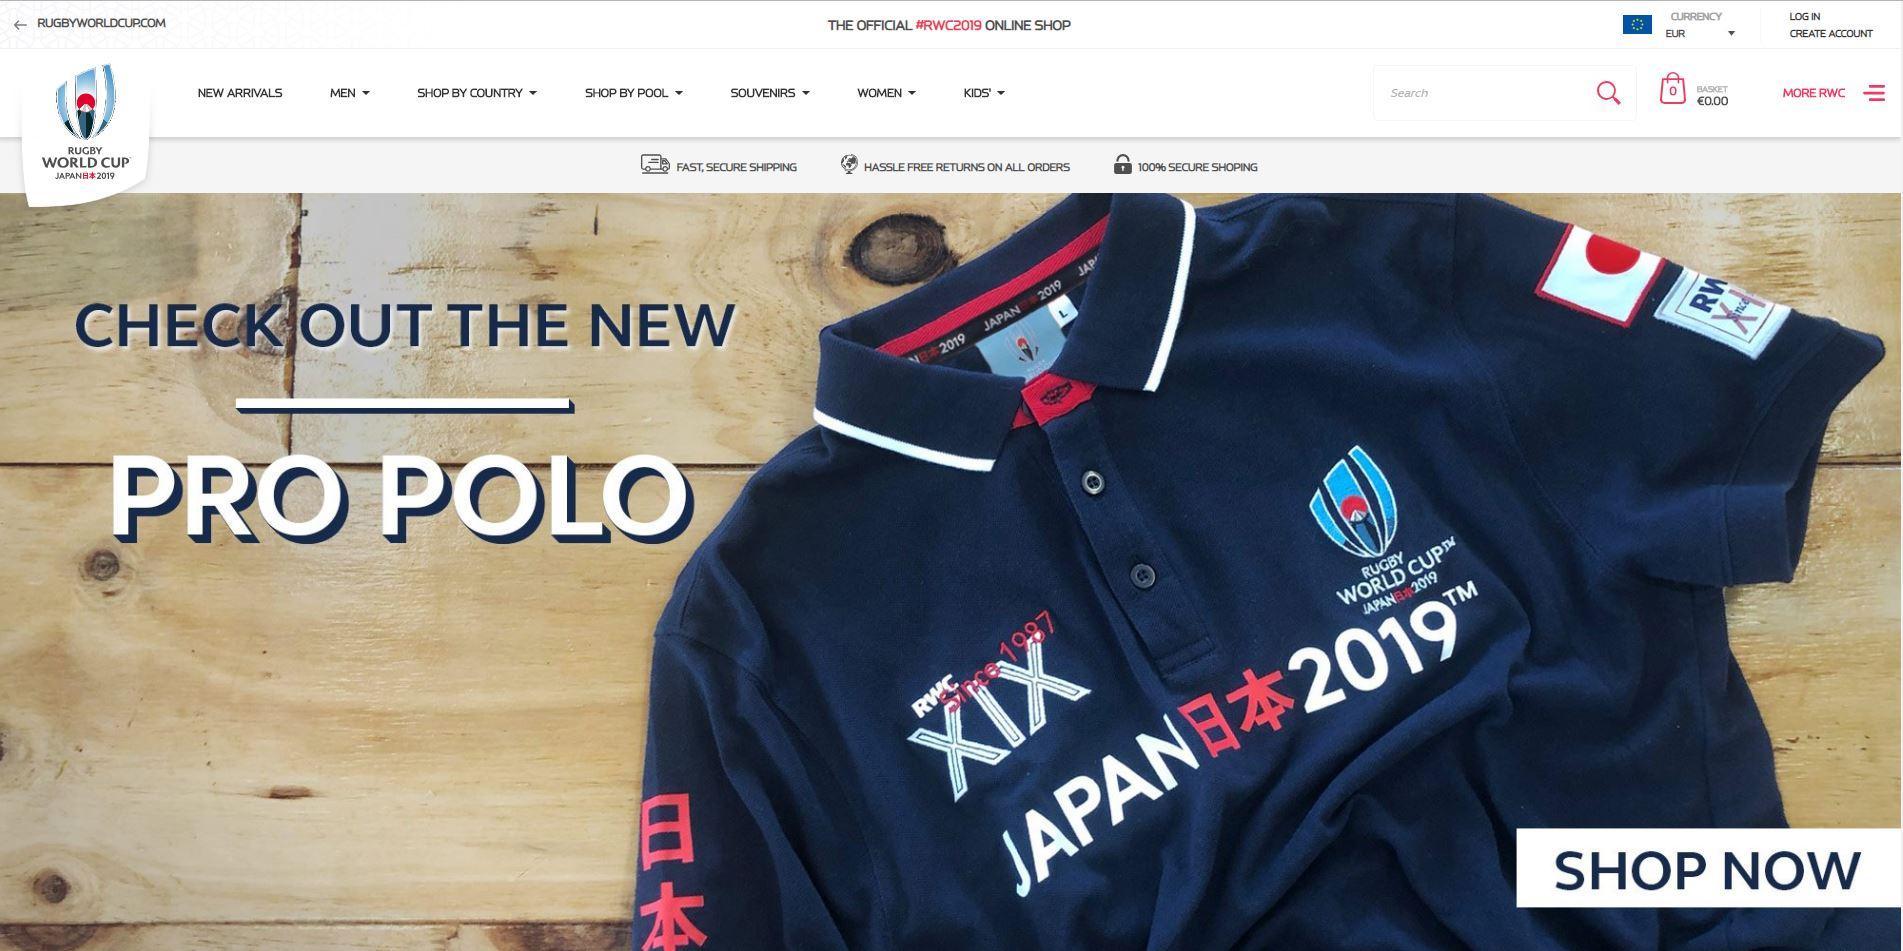 af39d4d2452 Rugby World Cup 2019 official online shop launches - Rugby World Cup 2019 |  rugbyworldcup.com